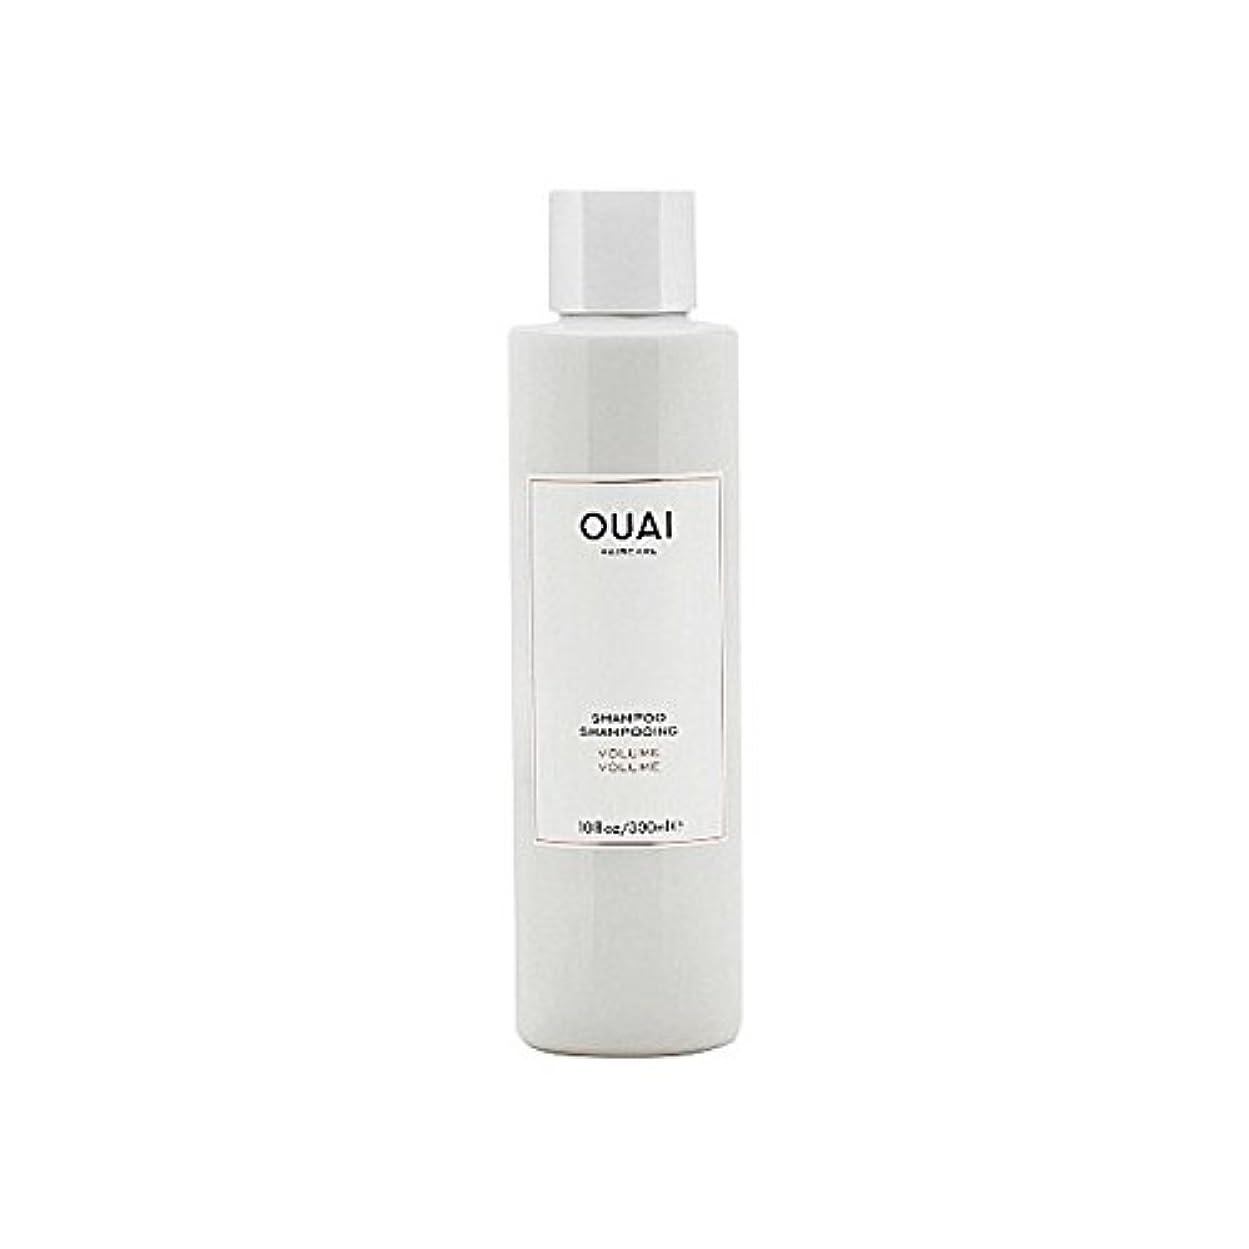 マカダムニックネーム論争的Ouai Volume Shampoo 300ml - ボリュームシャンプー300ミリリットル [並行輸入品]